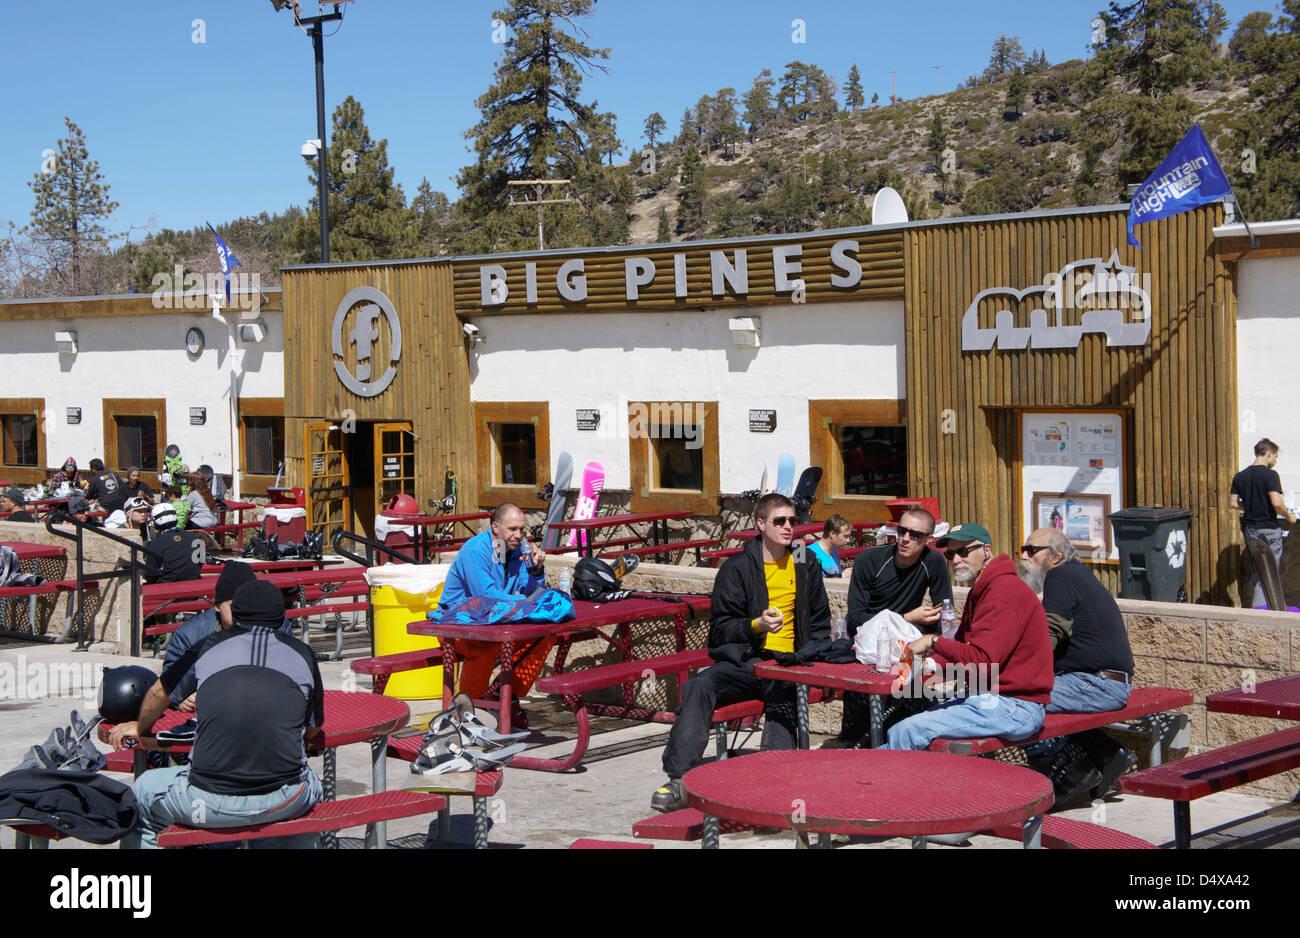 mountain high ski resort. big pines lodge at mountain high ski stock